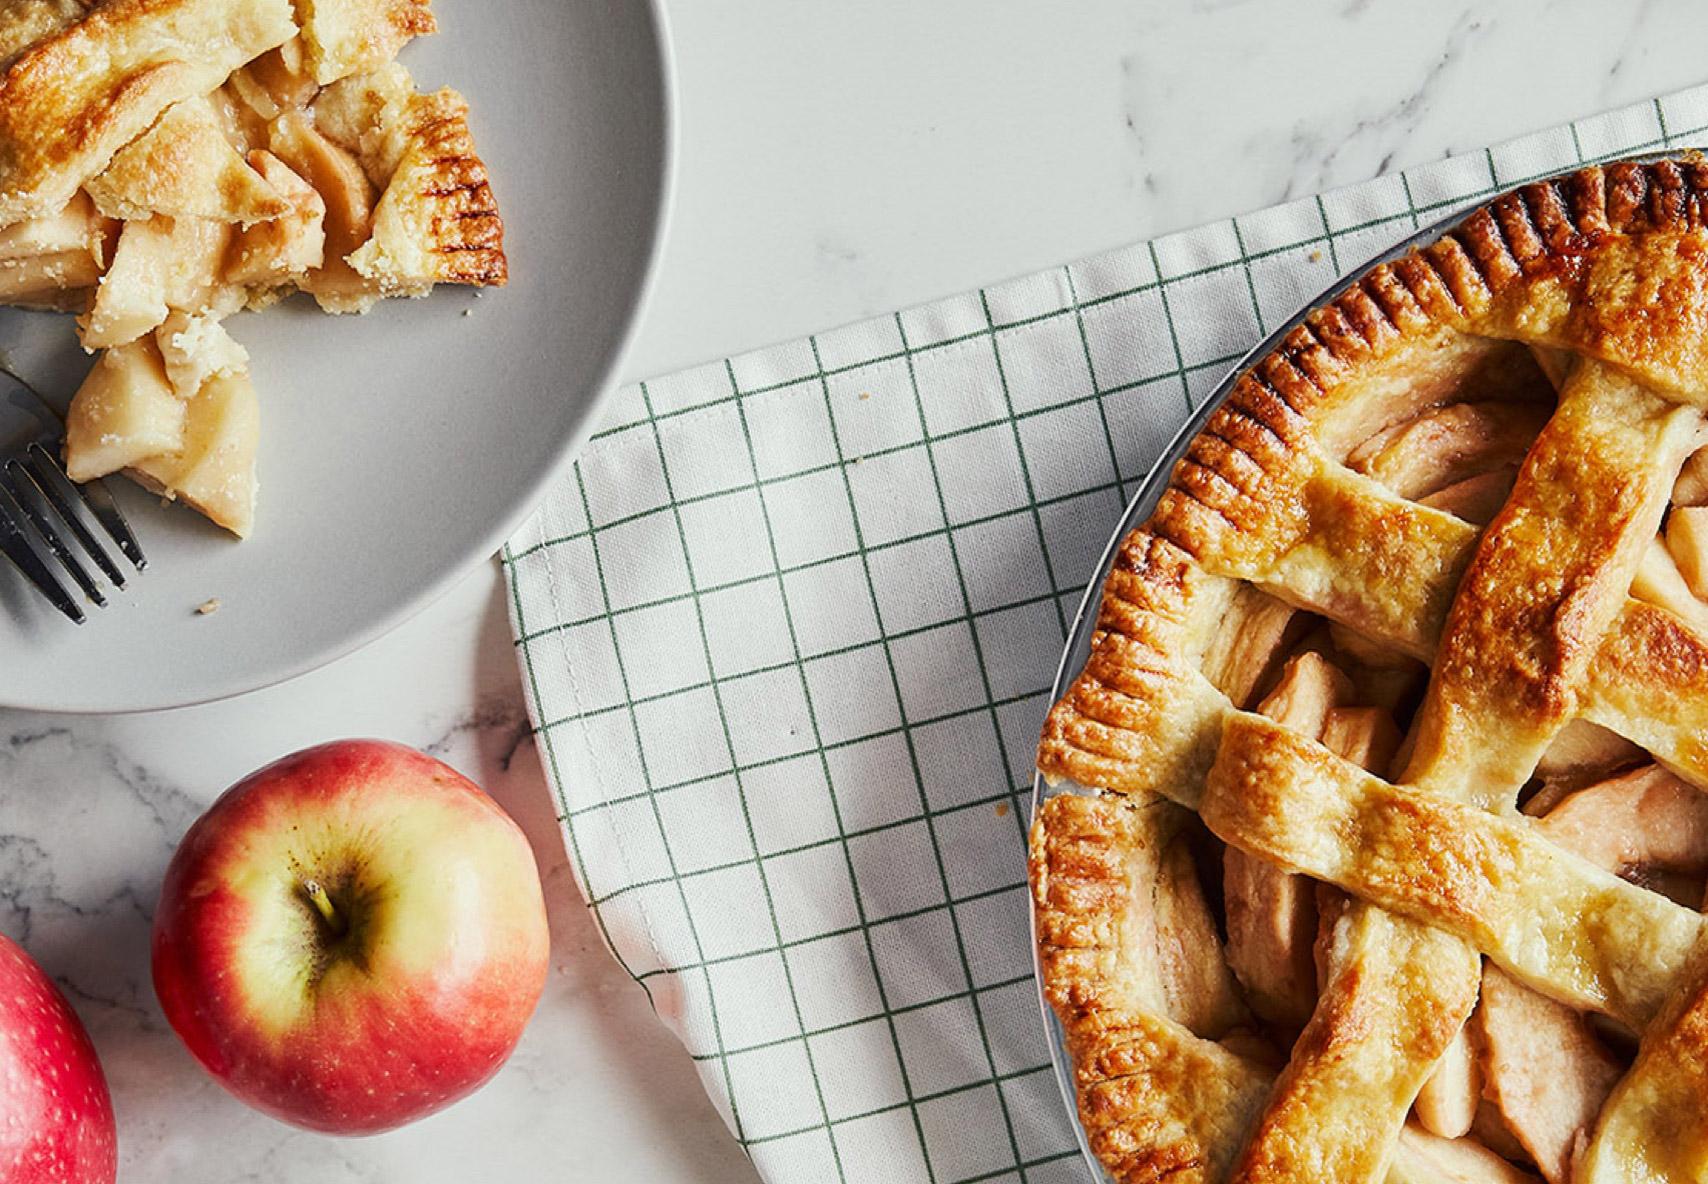 Plan supérieur d'une tarte aux pommes maison délicieuse avec un morceau découpé et une assiette représentant le morceau manquant et une fourchette.